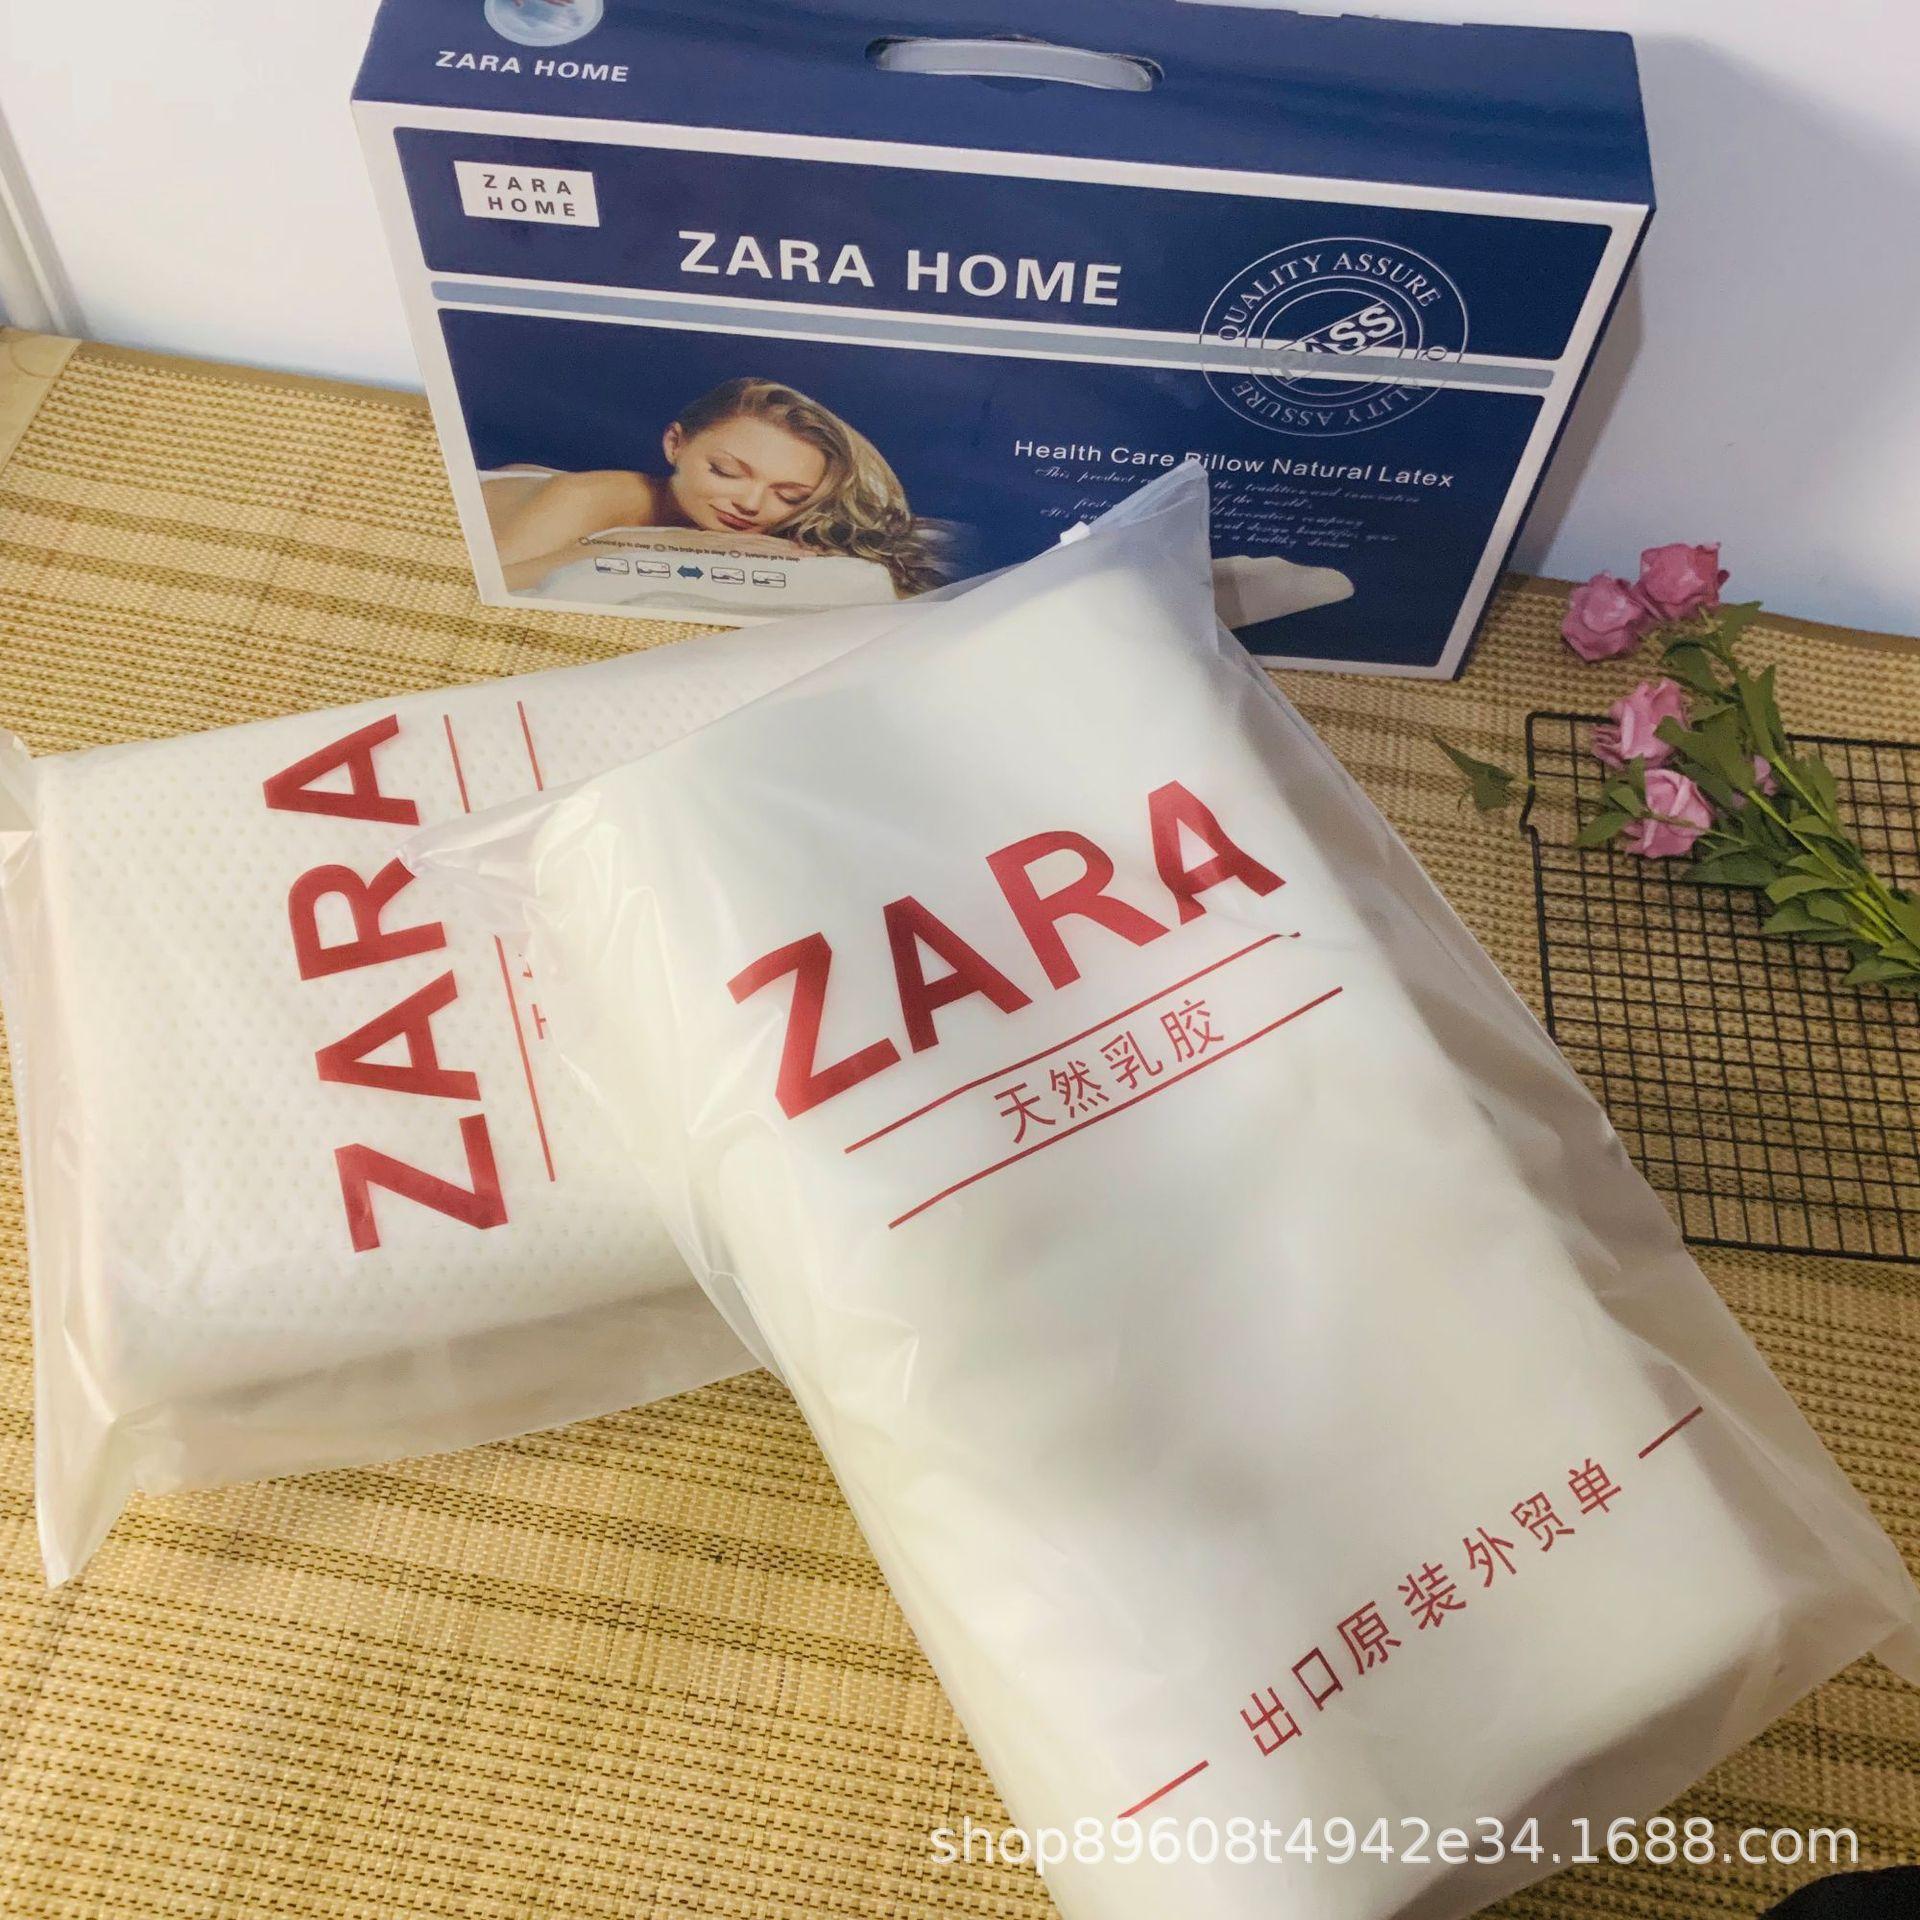 限时秒杀微商爆款zara枕头西班牙ZARA乳胶枕Zara记忆枕按摩枕护颈透气保